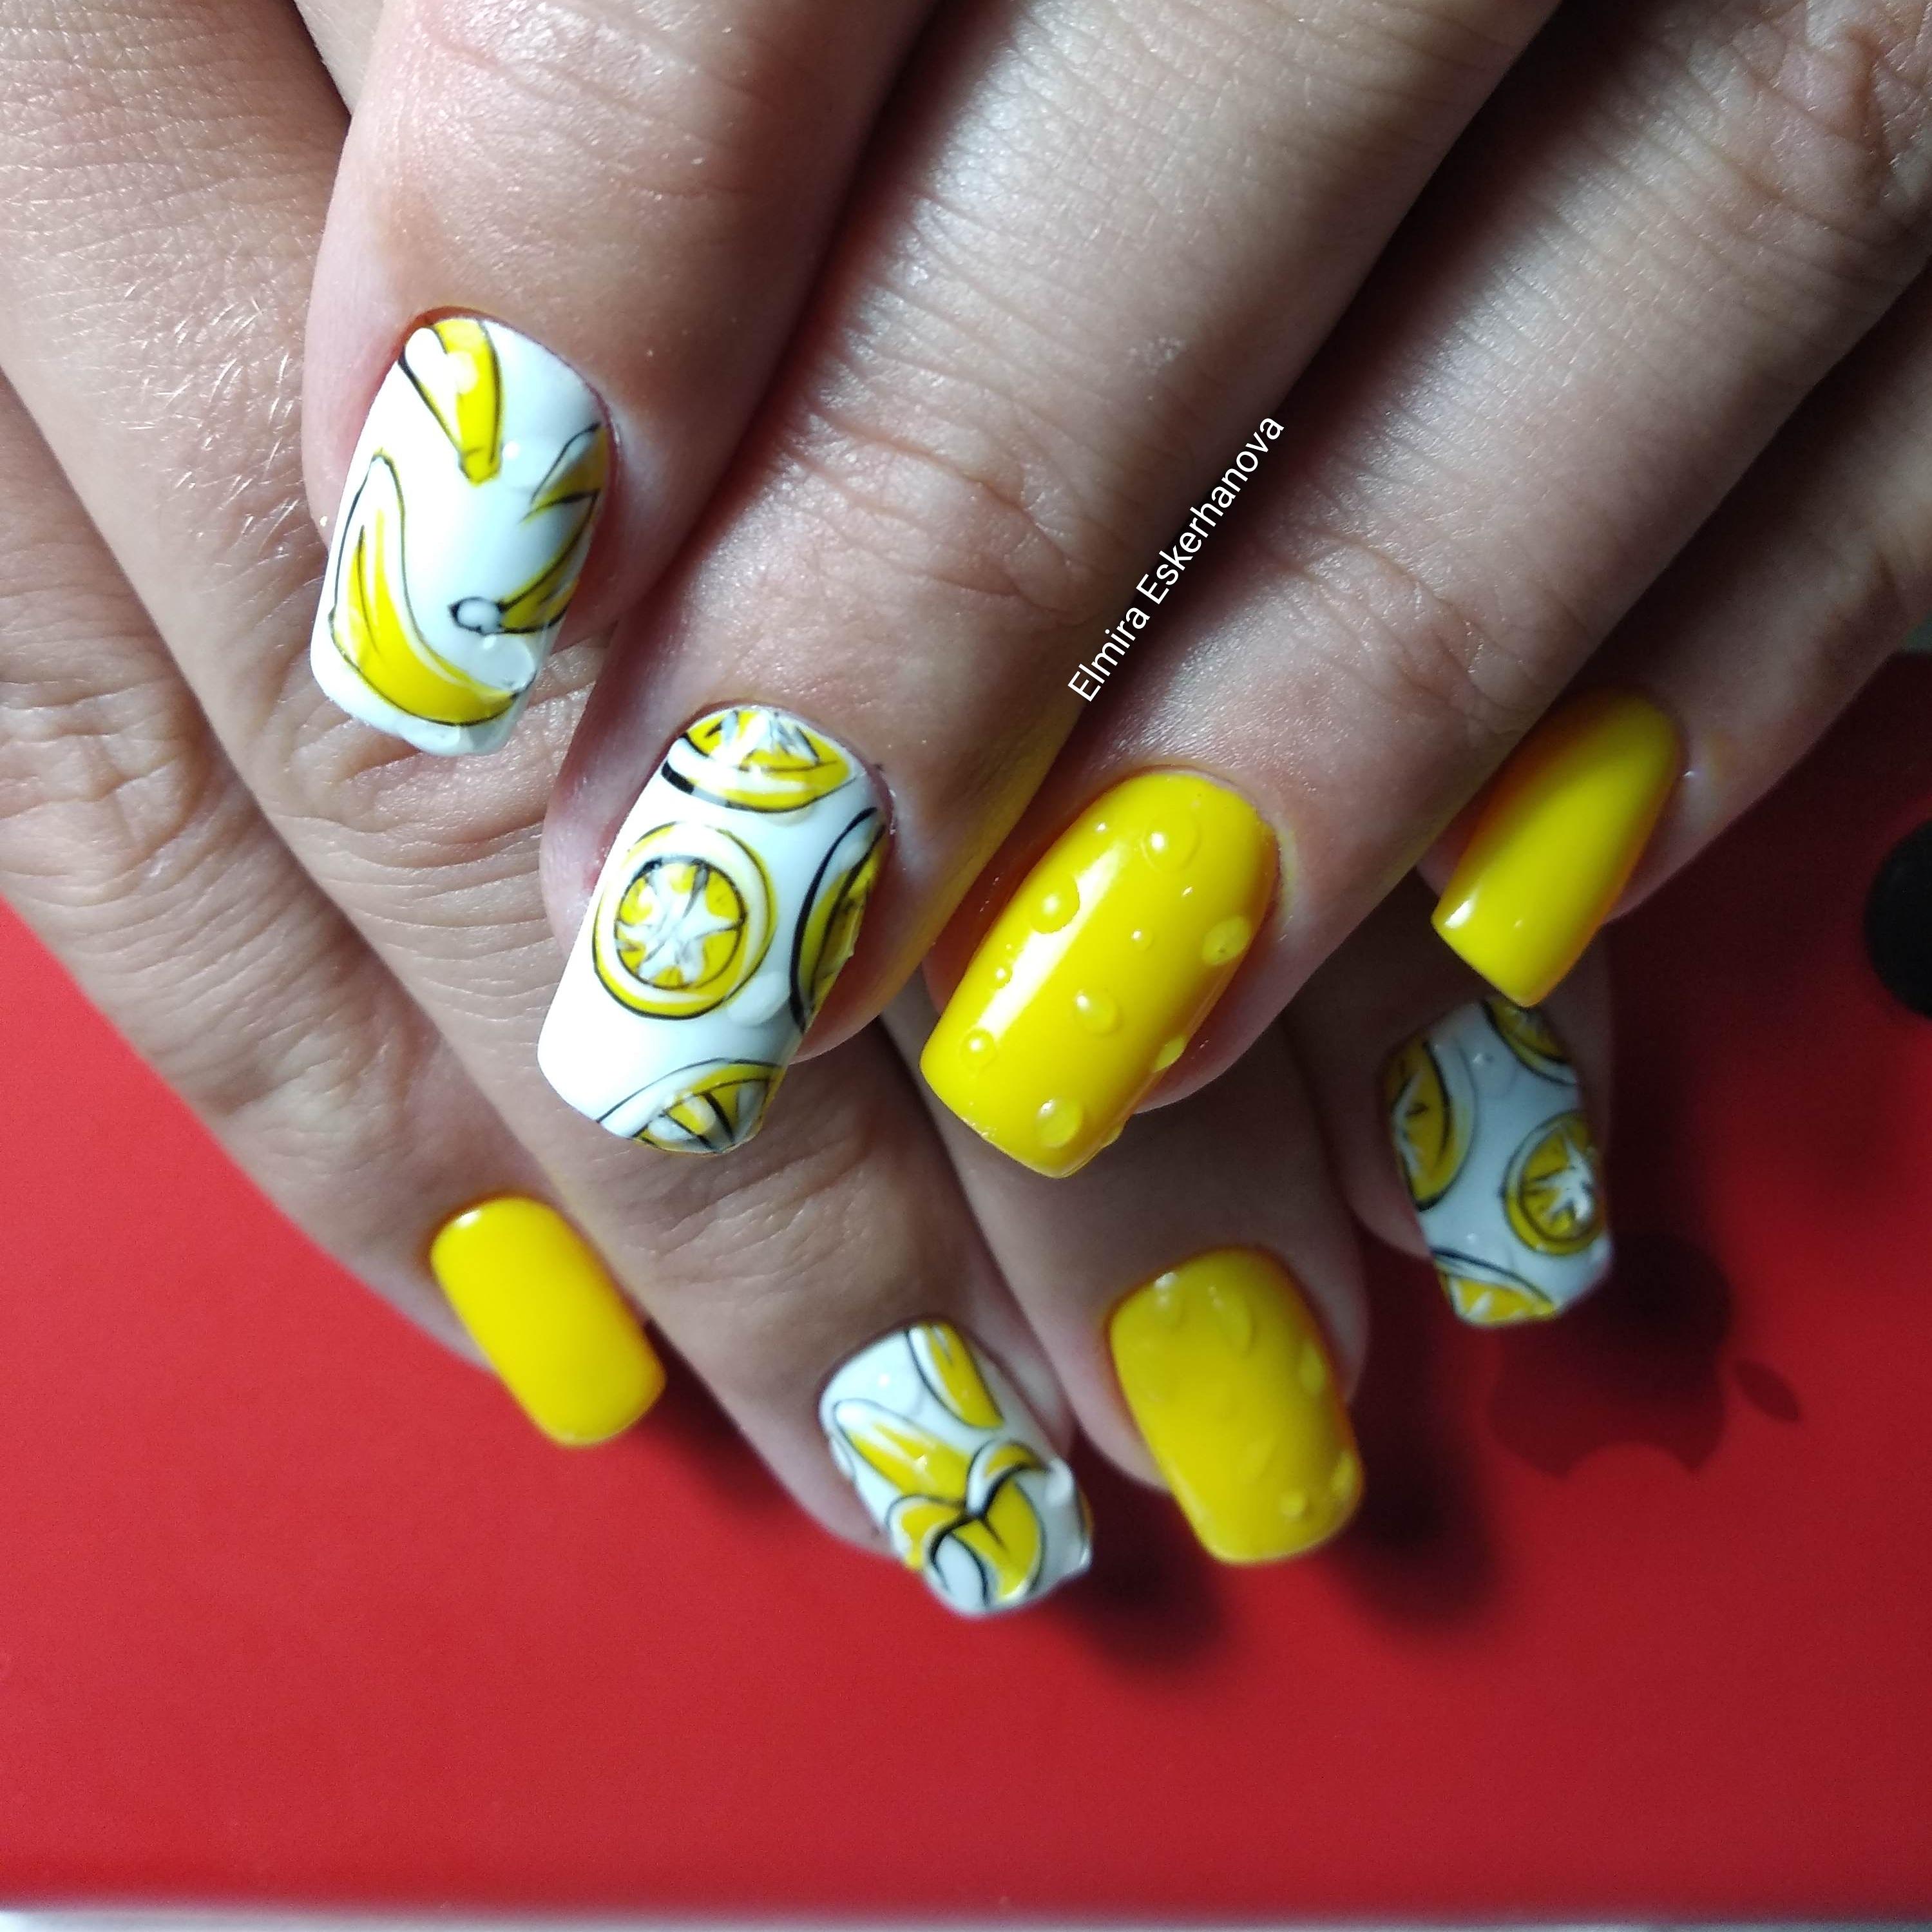 Маникюр с фруктовым рисунком в желтом цвете.